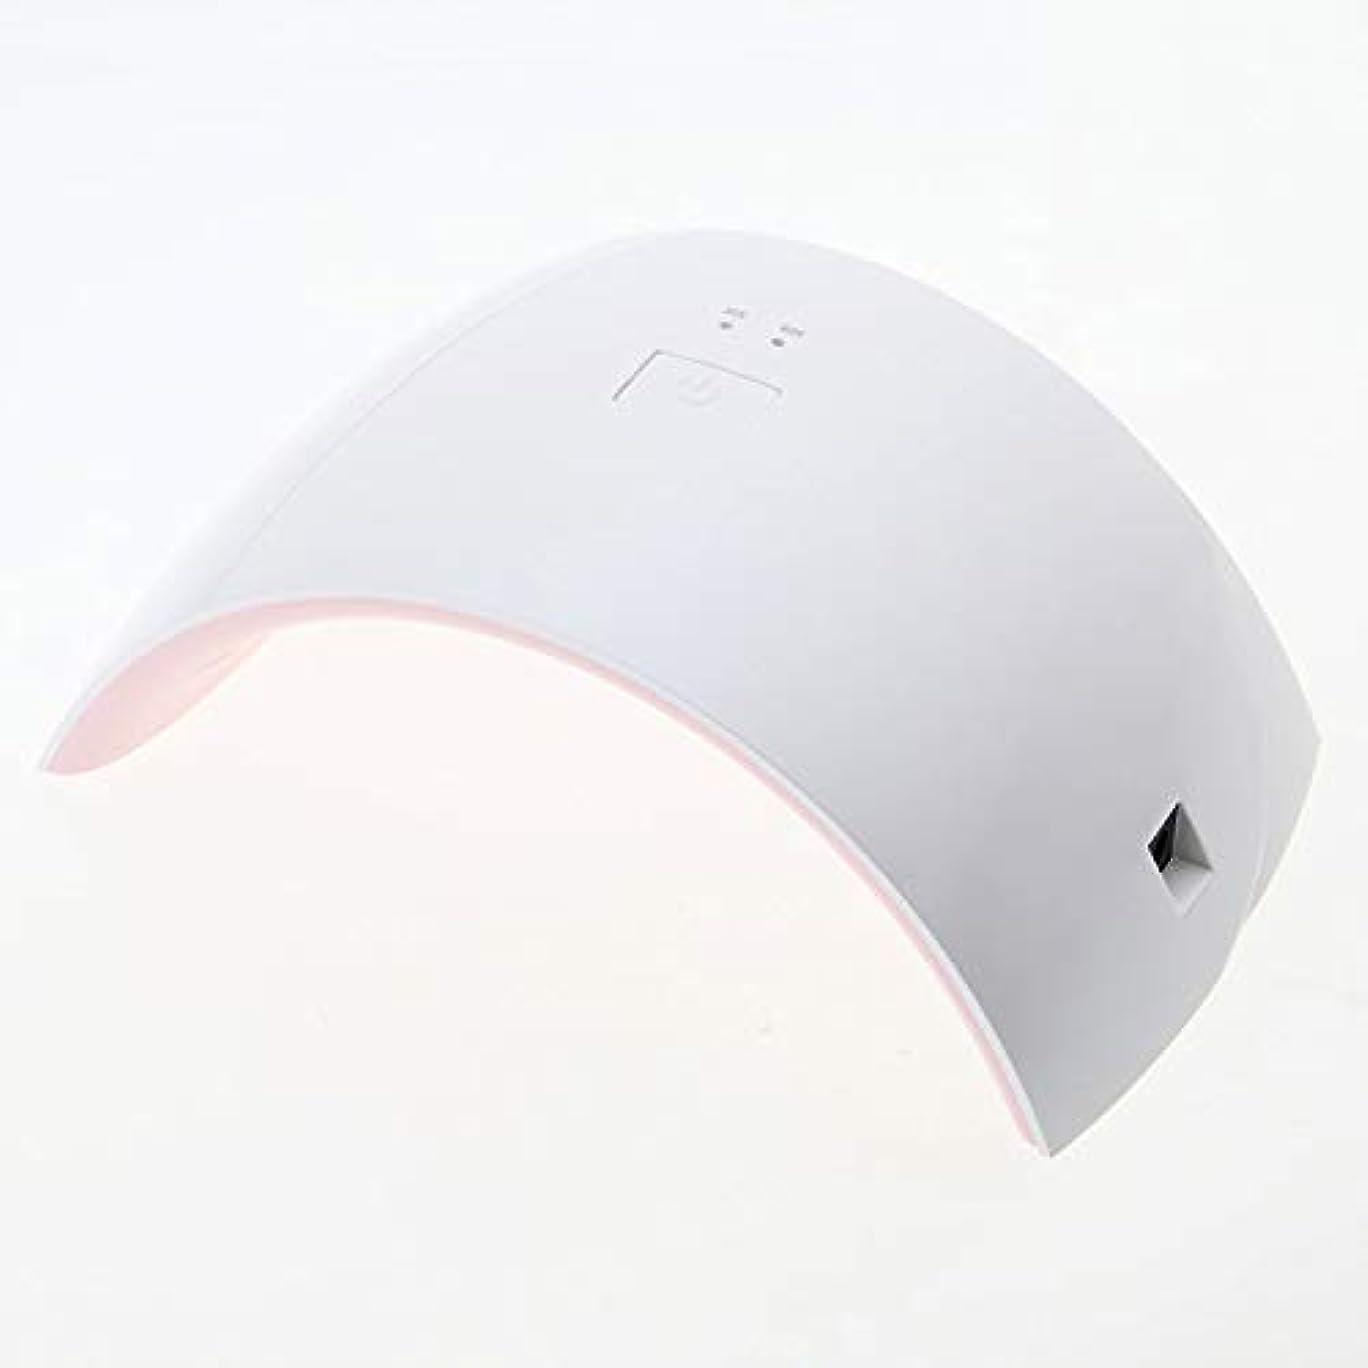 顎フラグラントクレーン30/60秒タイマーとスマートセンサー付きジェルネイルドライヤー用24W LED UVネイルライト